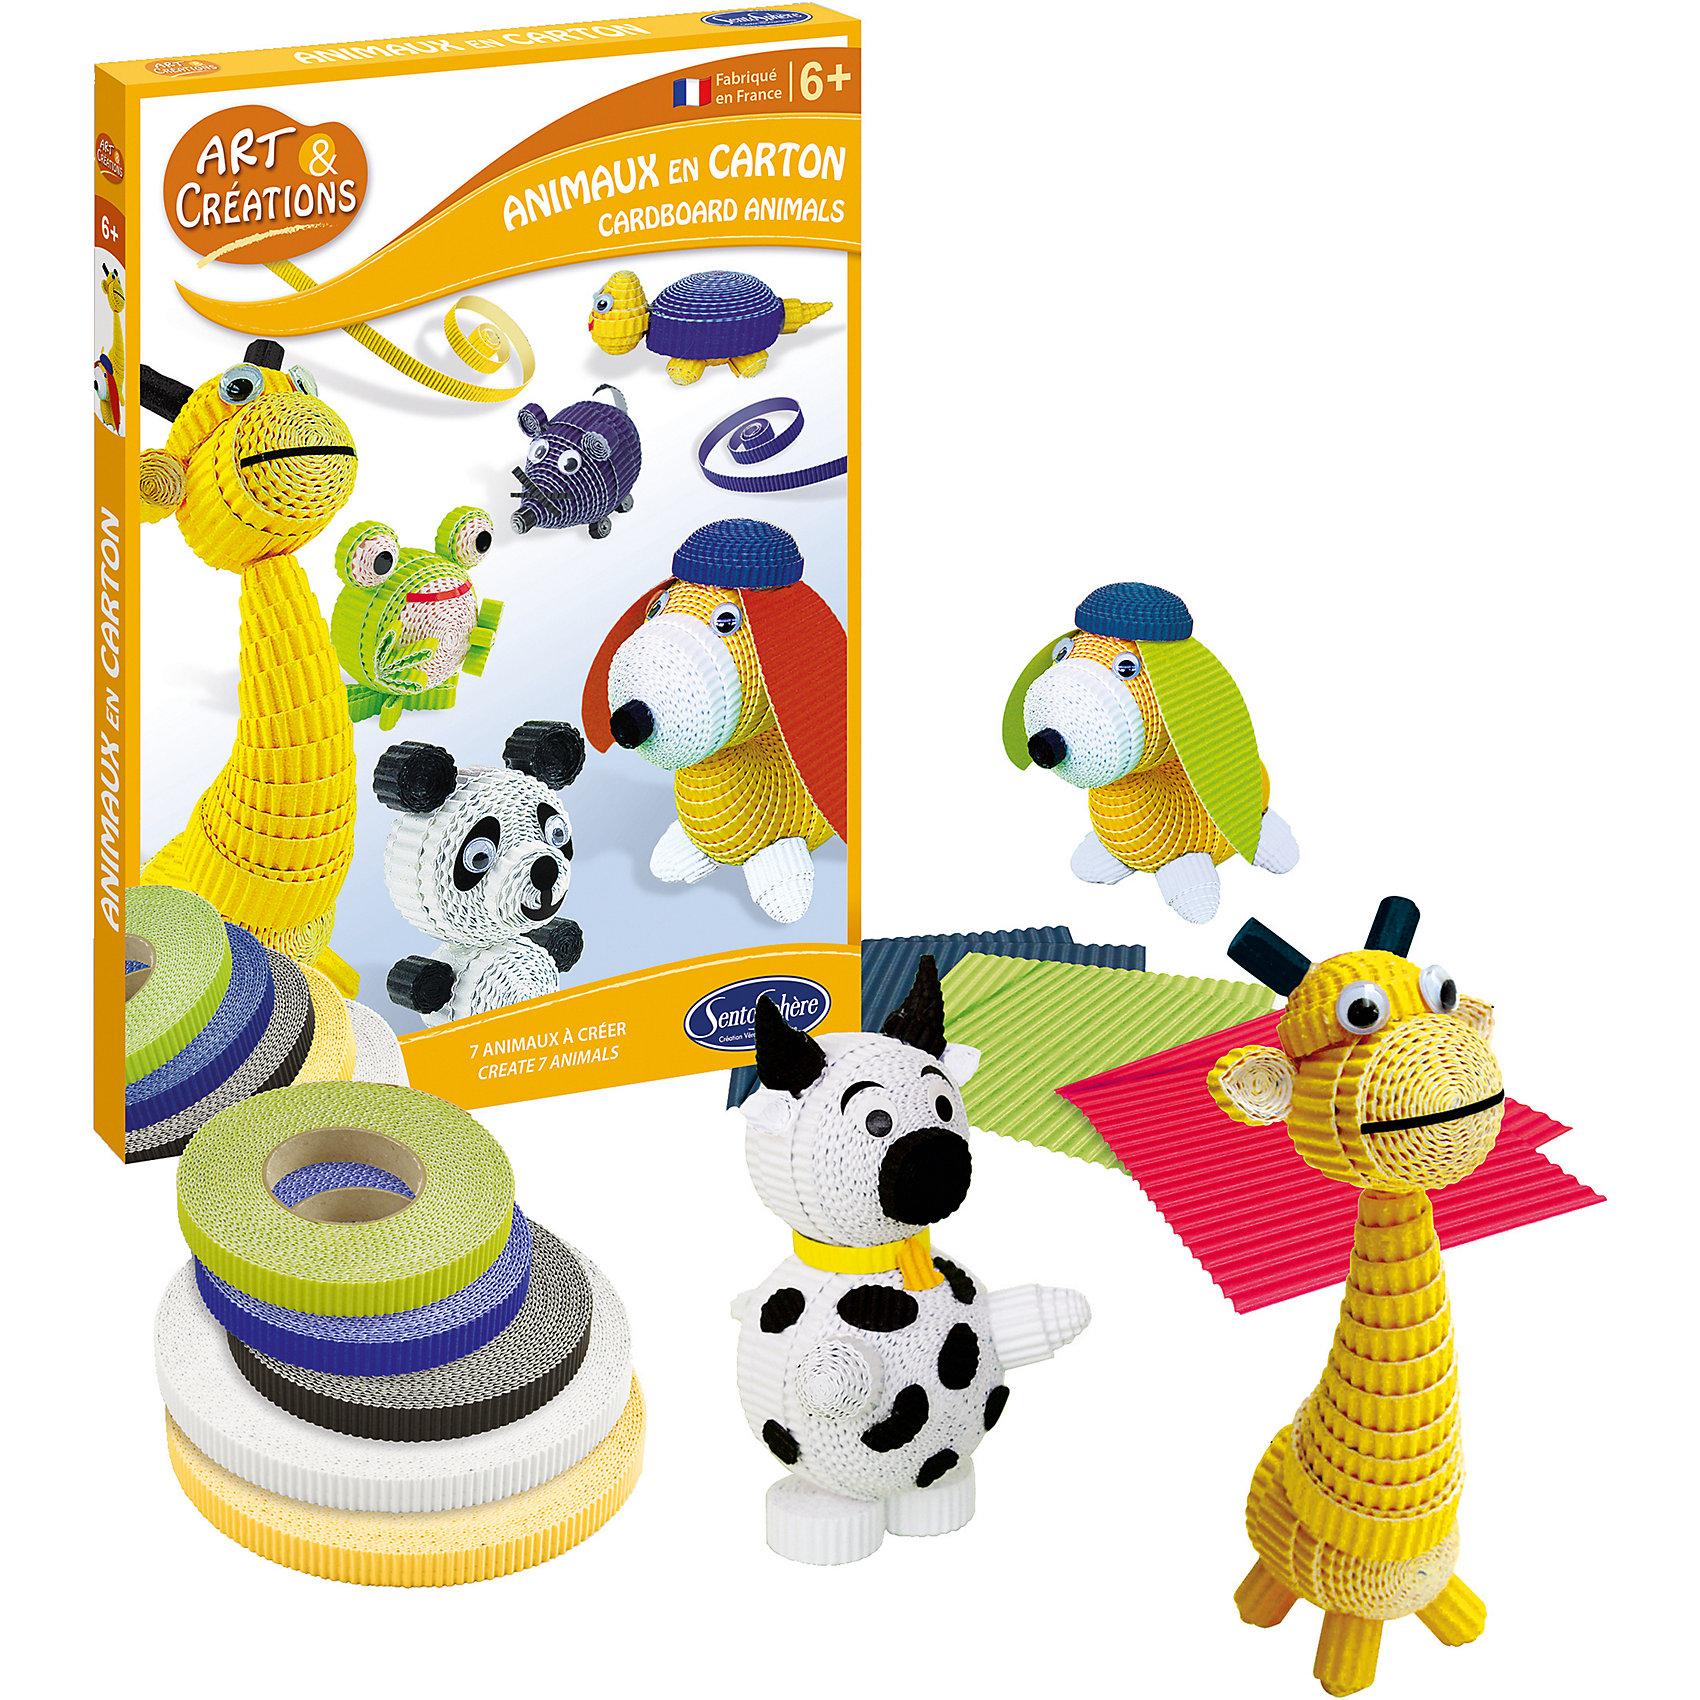 Набор для детского творчества Зверюшки из бумагиБумажные модели<br>Набор для детского творчества Зверюшки из бумаги - позволит ребенку самостоятельно создать игрушечный зоопарк из гофрированного картона.<br>В этом наборе ребенок найдет все необходимое для того, чтобы изготовить красочных и милых зверушек: собаку, черепаху, панду, лягушку, жирафа, пингвина и котенка. Благодаря ярким деталям из гофрокартона животные получатся очень красочными и необычными. Процесс склейки не сложен и увлекателен, развивает усидчивость и аккуратность ребенка.<br><br>Дополнительная информация:<br><br>- Возраст: от 6 лет<br>- Для мальчиков и девочек<br>- В наборе: гофрированный картон 5 цветов, подготовленных для создания 7 зверюшек; 20 глаз с подвижным зрачком; тюбик клея; подробная инструкция<br>- Упаковка: картонная коробка<br>- Размер упаковки: 21 х 2 х 28 см.<br><br>Набор для детского творчества Зверюшки из бумаги можно купить в нашем интернет-магазине.<br><br>Ширина мм: 282<br>Глубина мм: 213<br>Высота мм: 22<br>Вес г: 280<br>Возраст от месяцев: 72<br>Возраст до месяцев: 144<br>Пол: Унисекс<br>Возраст: Детский<br>SKU: 4918813